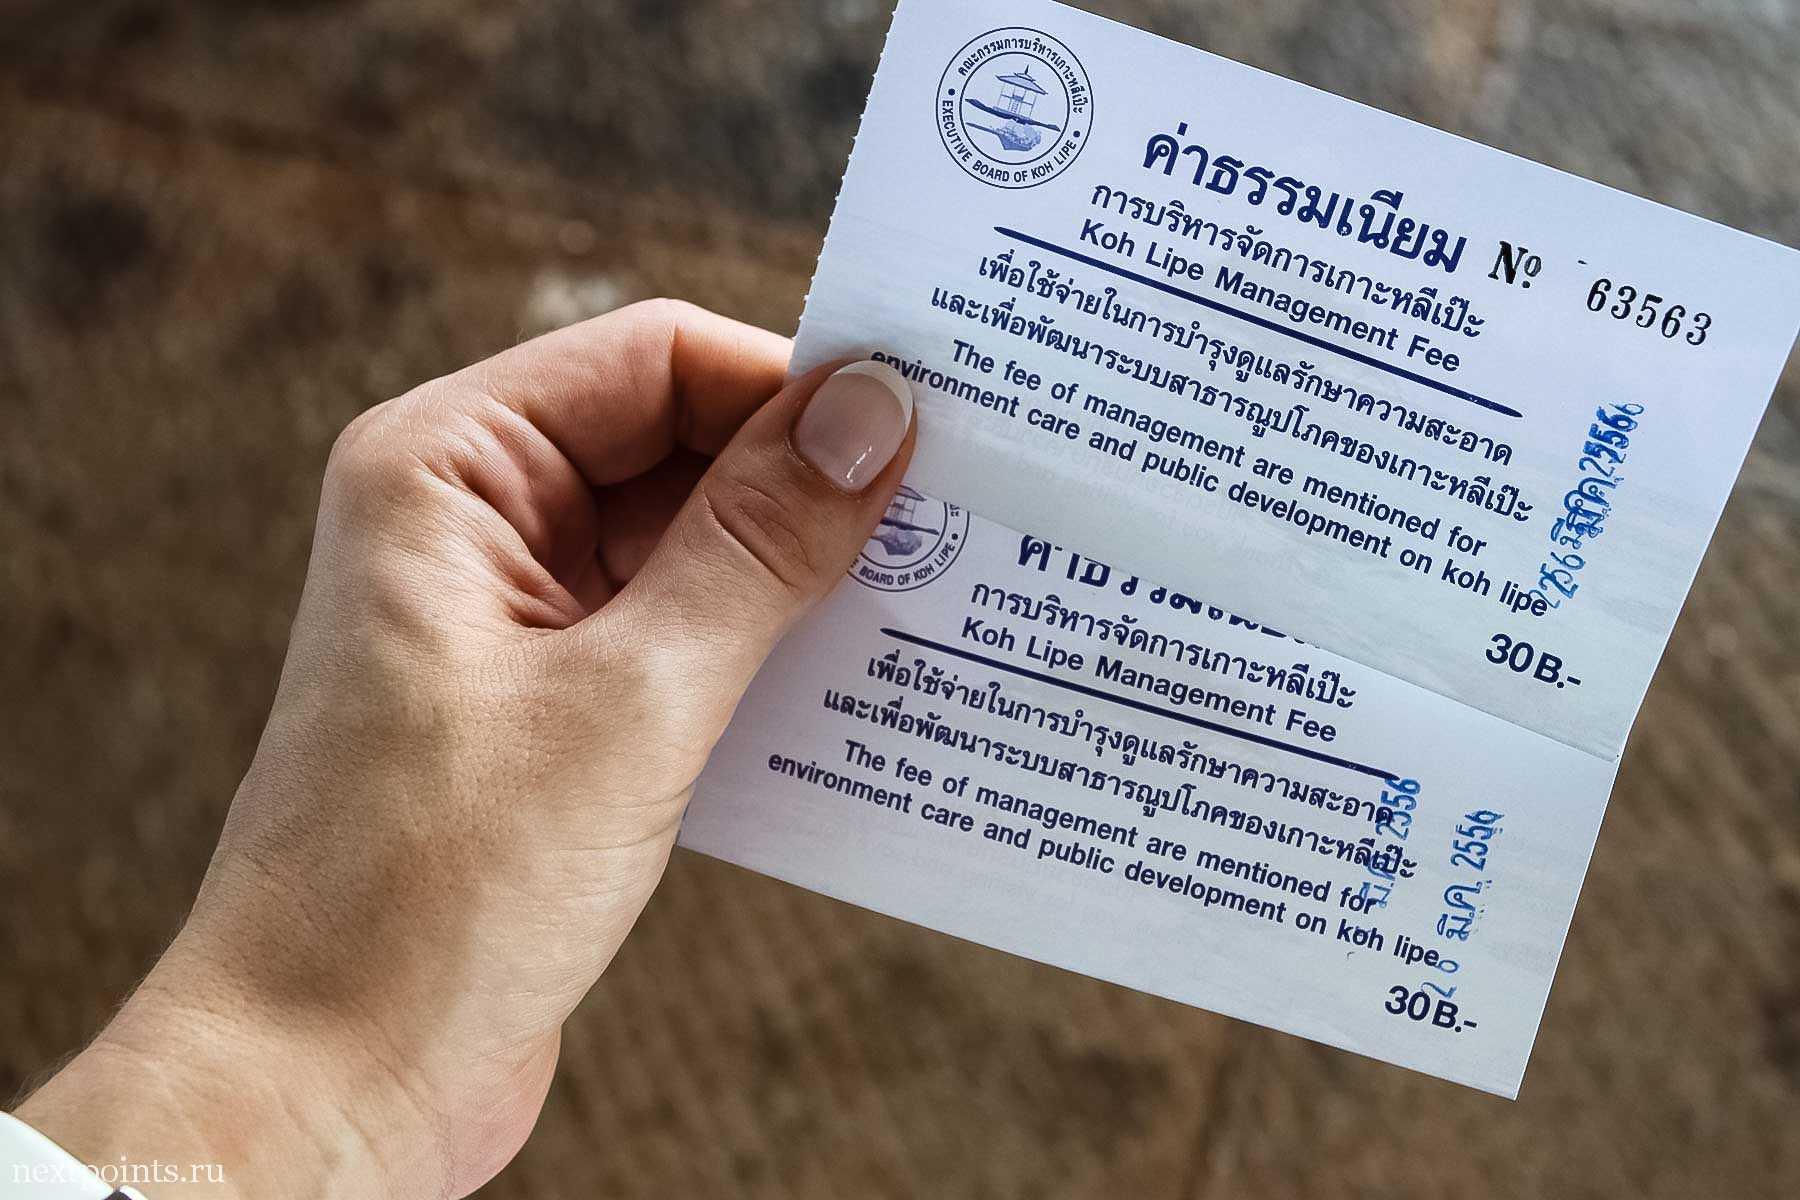 Налог за сохранение природы Ко Липе и билет на лодку до суши